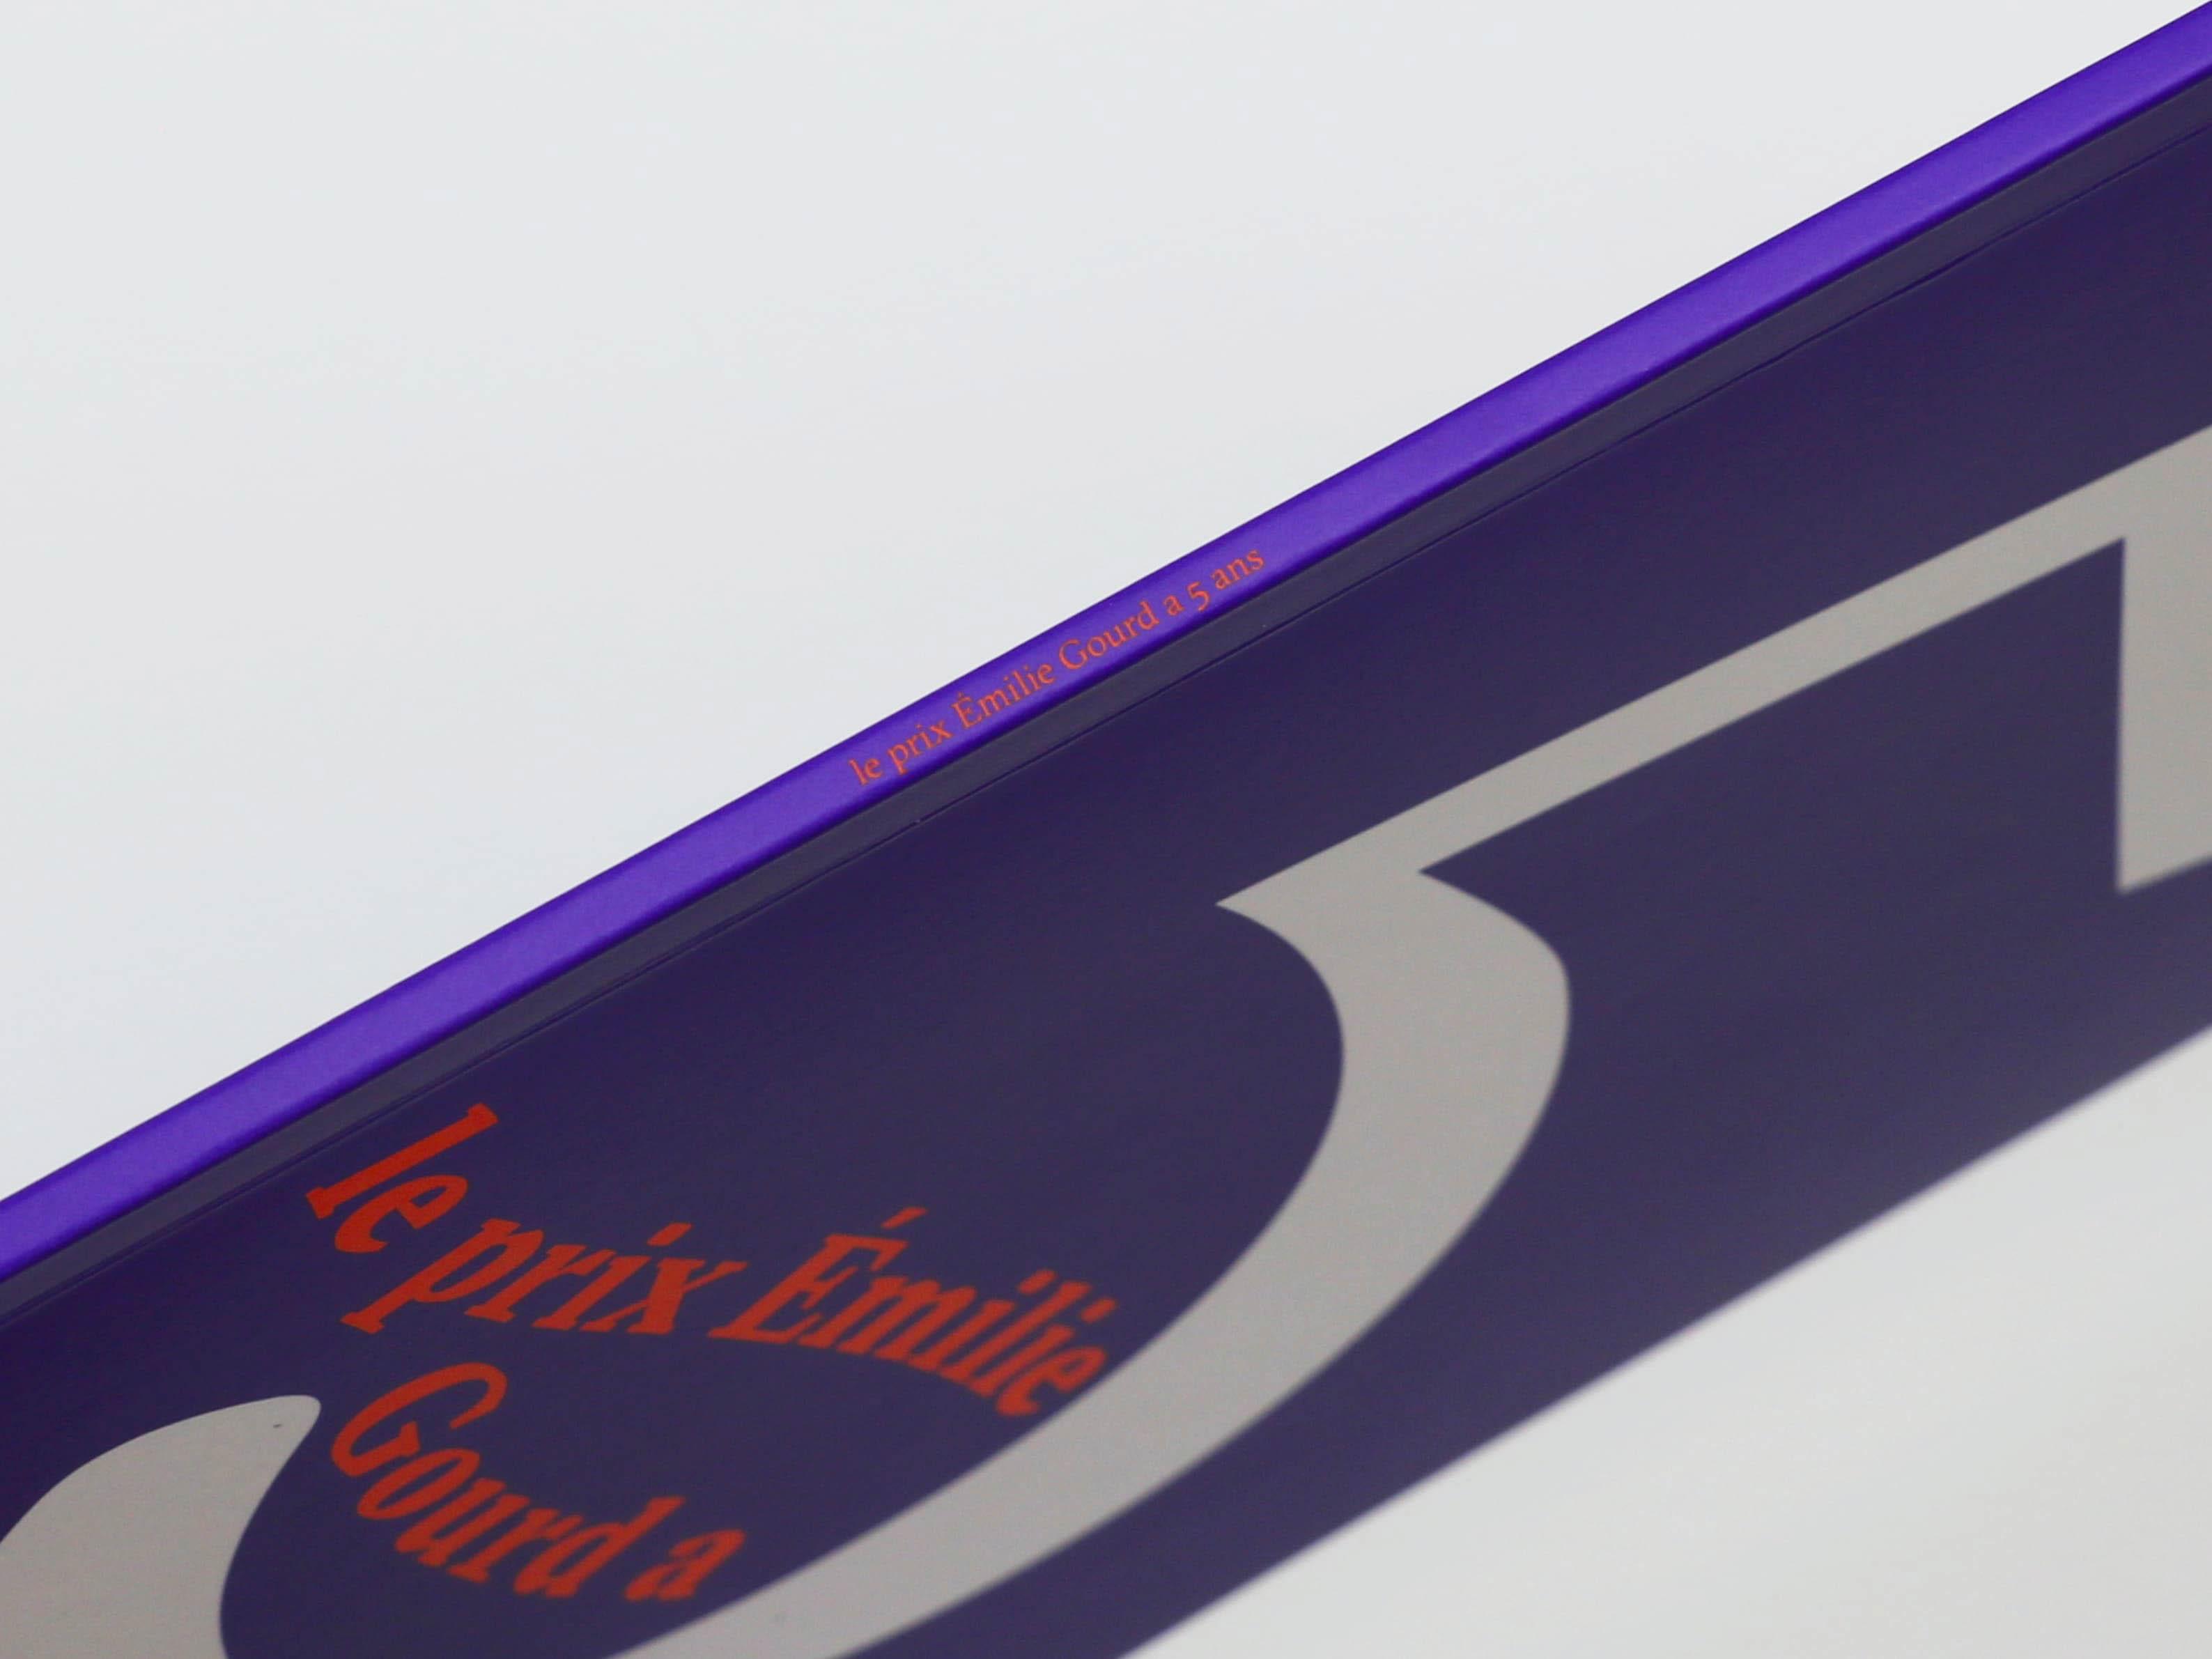 Tranche de la Brochure du Prix Emilie Gourd — sur la tranche violette est inscrit le prix Emilie Gourd a 5 ans  dans la police de caractère Sectra de Grilli Type et en couleur orange.